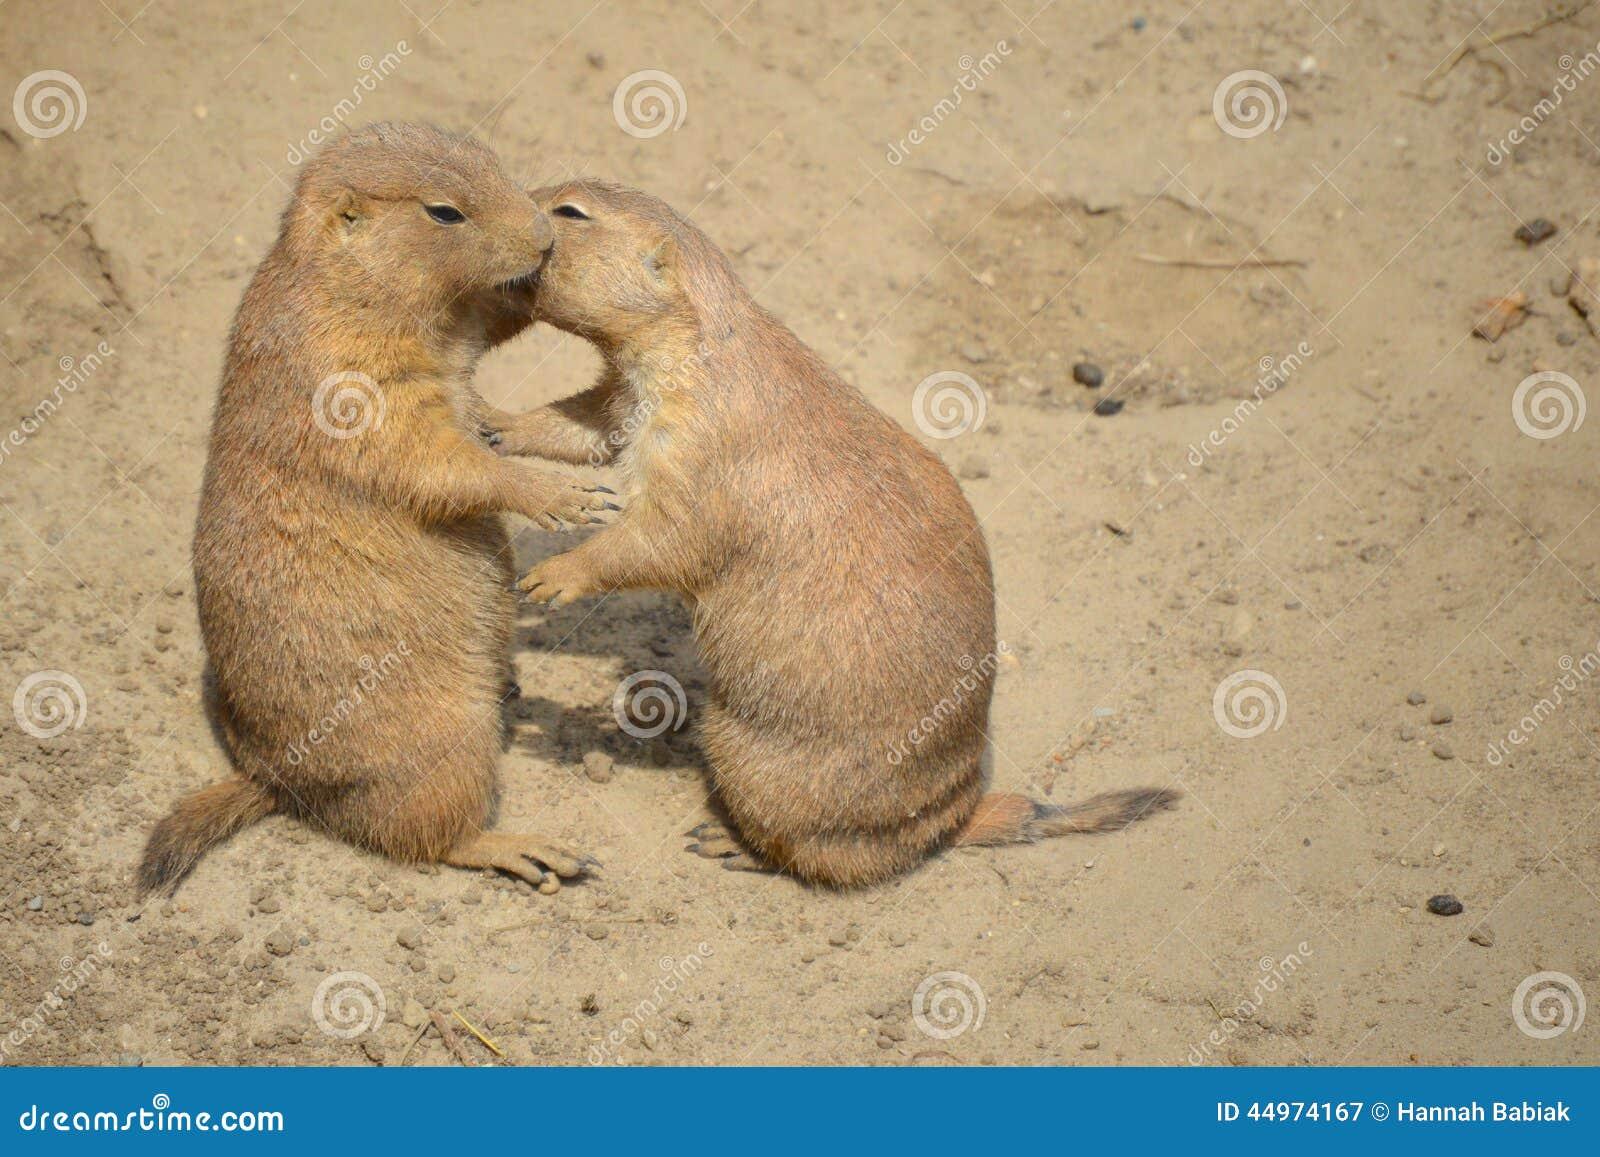 草原土拨鼠亲吻